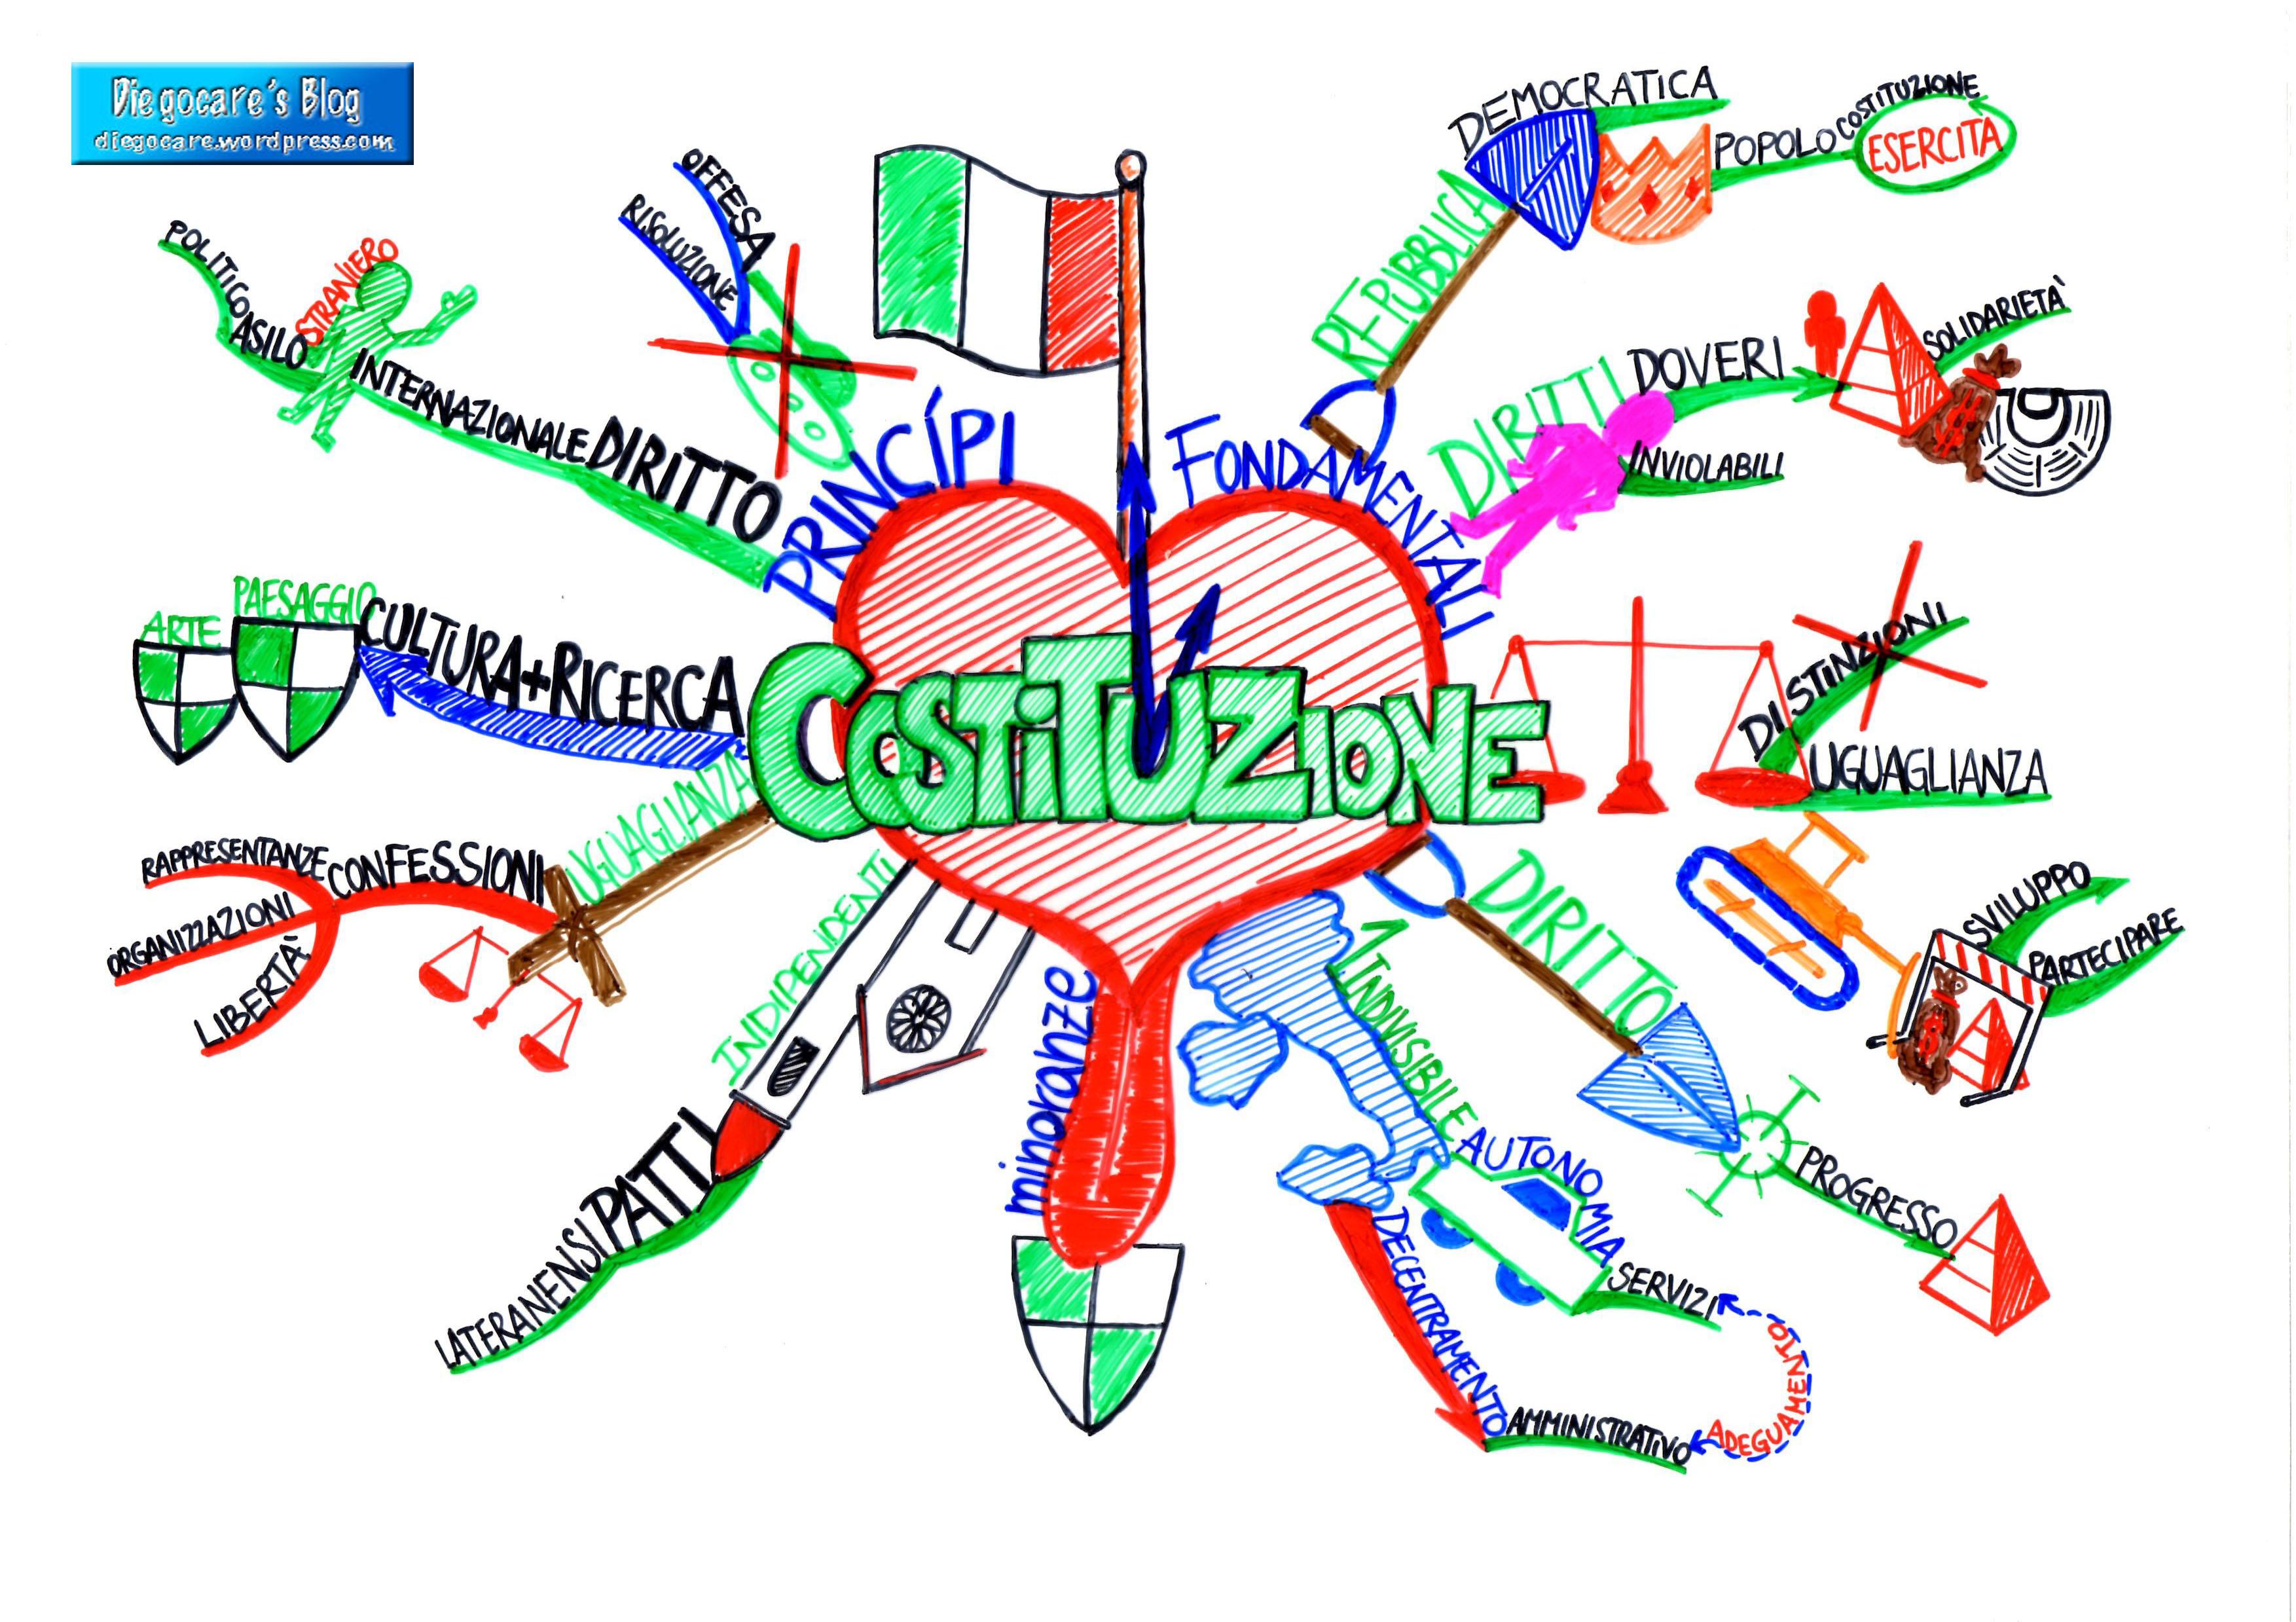 I principi fondamentali il cuore della costituzione for Costituzione parlamento italiano